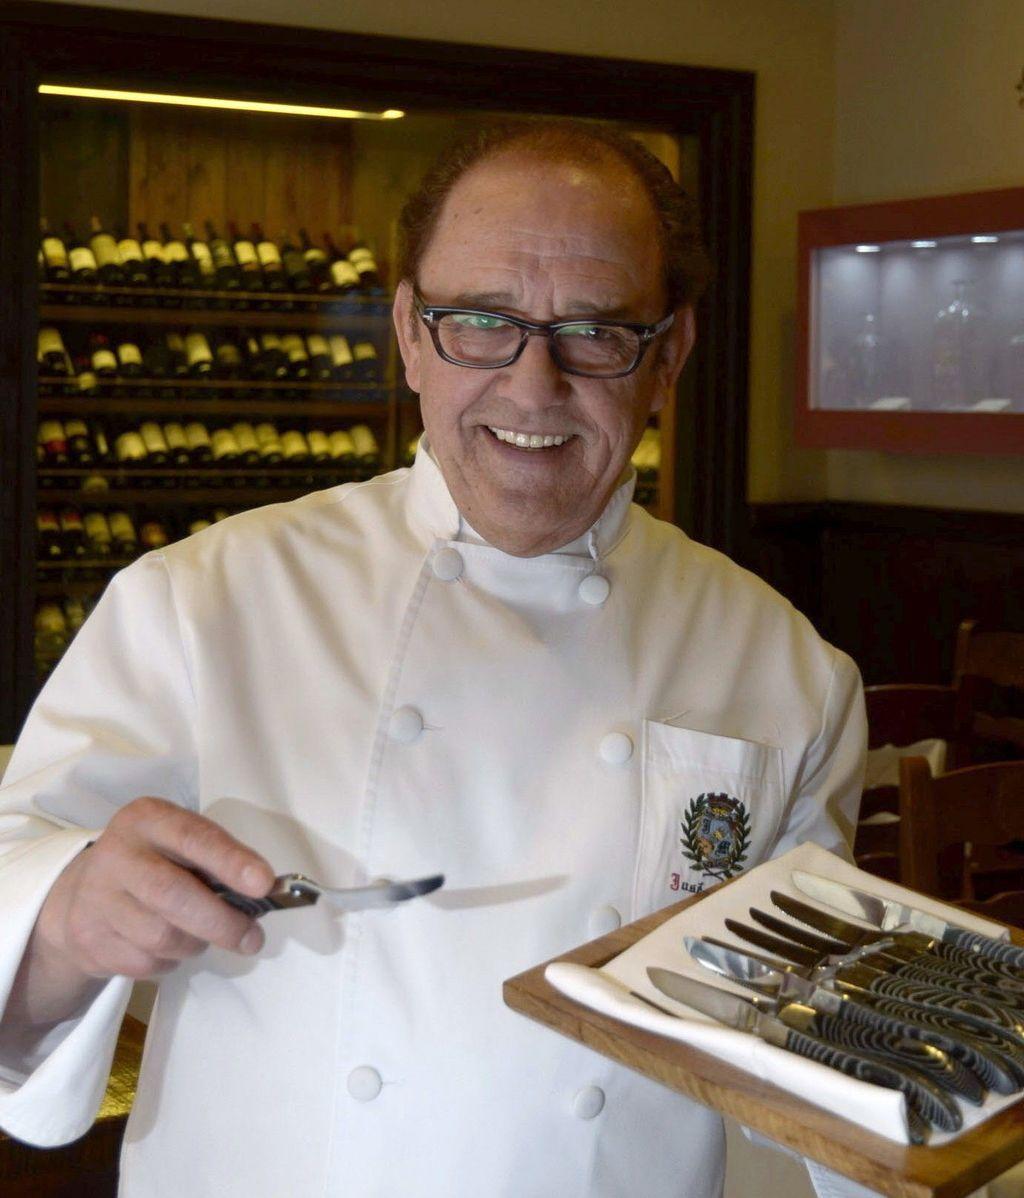 Un hostelero de Segovia patenta un cuchillo para degustar el cochinillo